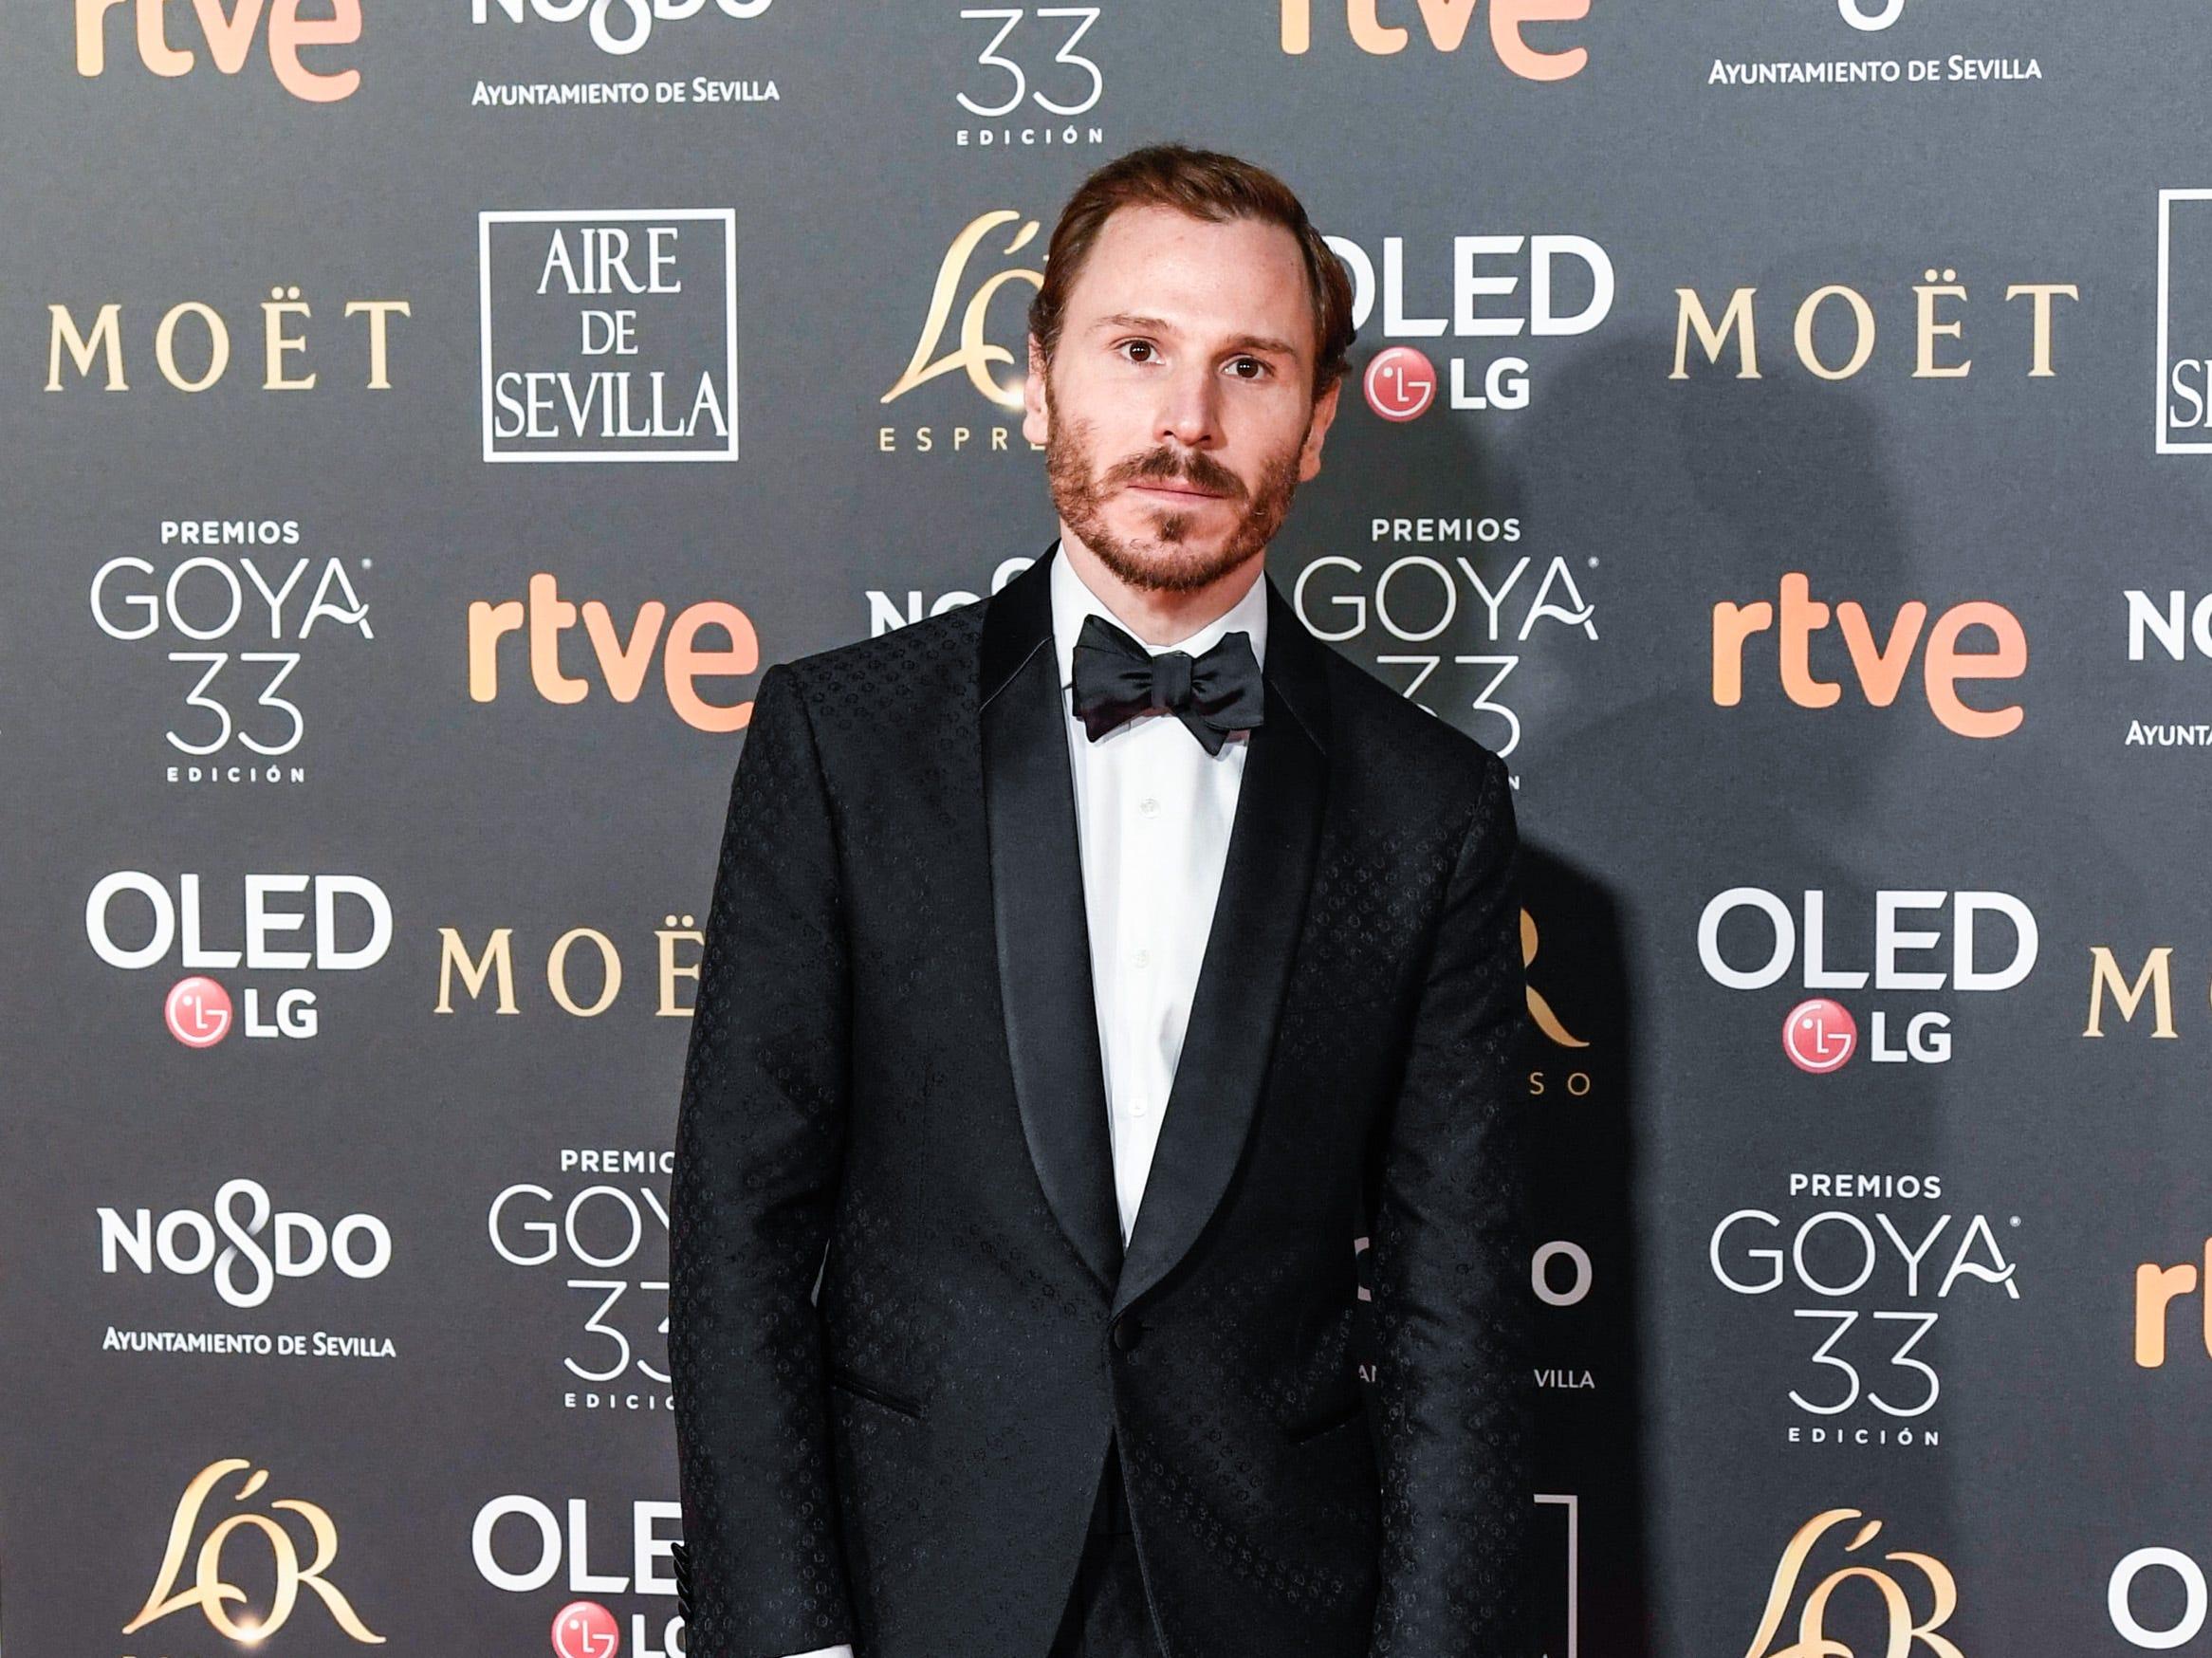 Rubén Ochandiano asiste a la 33ª edición de los Premios de Cine Goya en el Palacio de Congresos y Exposiciones FIBES el 2 de febrero de 2019 en Sevilla, España.